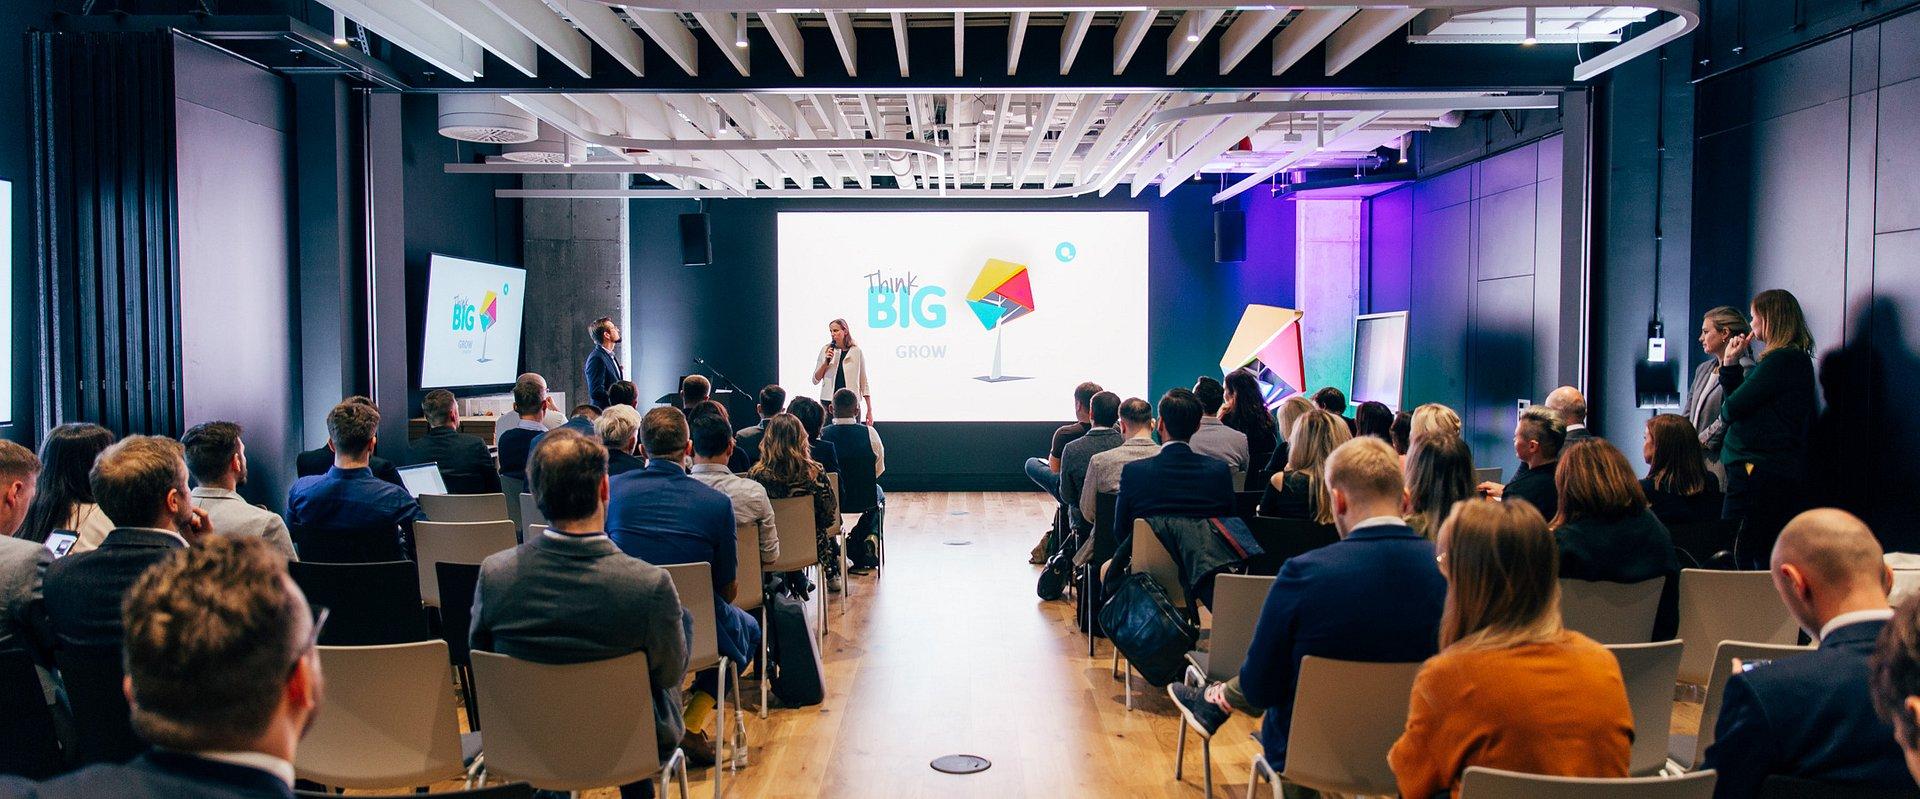 Finaliści programu Think Big: Grow Smarter zaprezentowali swoje rozwiązania przed jury. Już za tydzień poznamy zwycięzców!